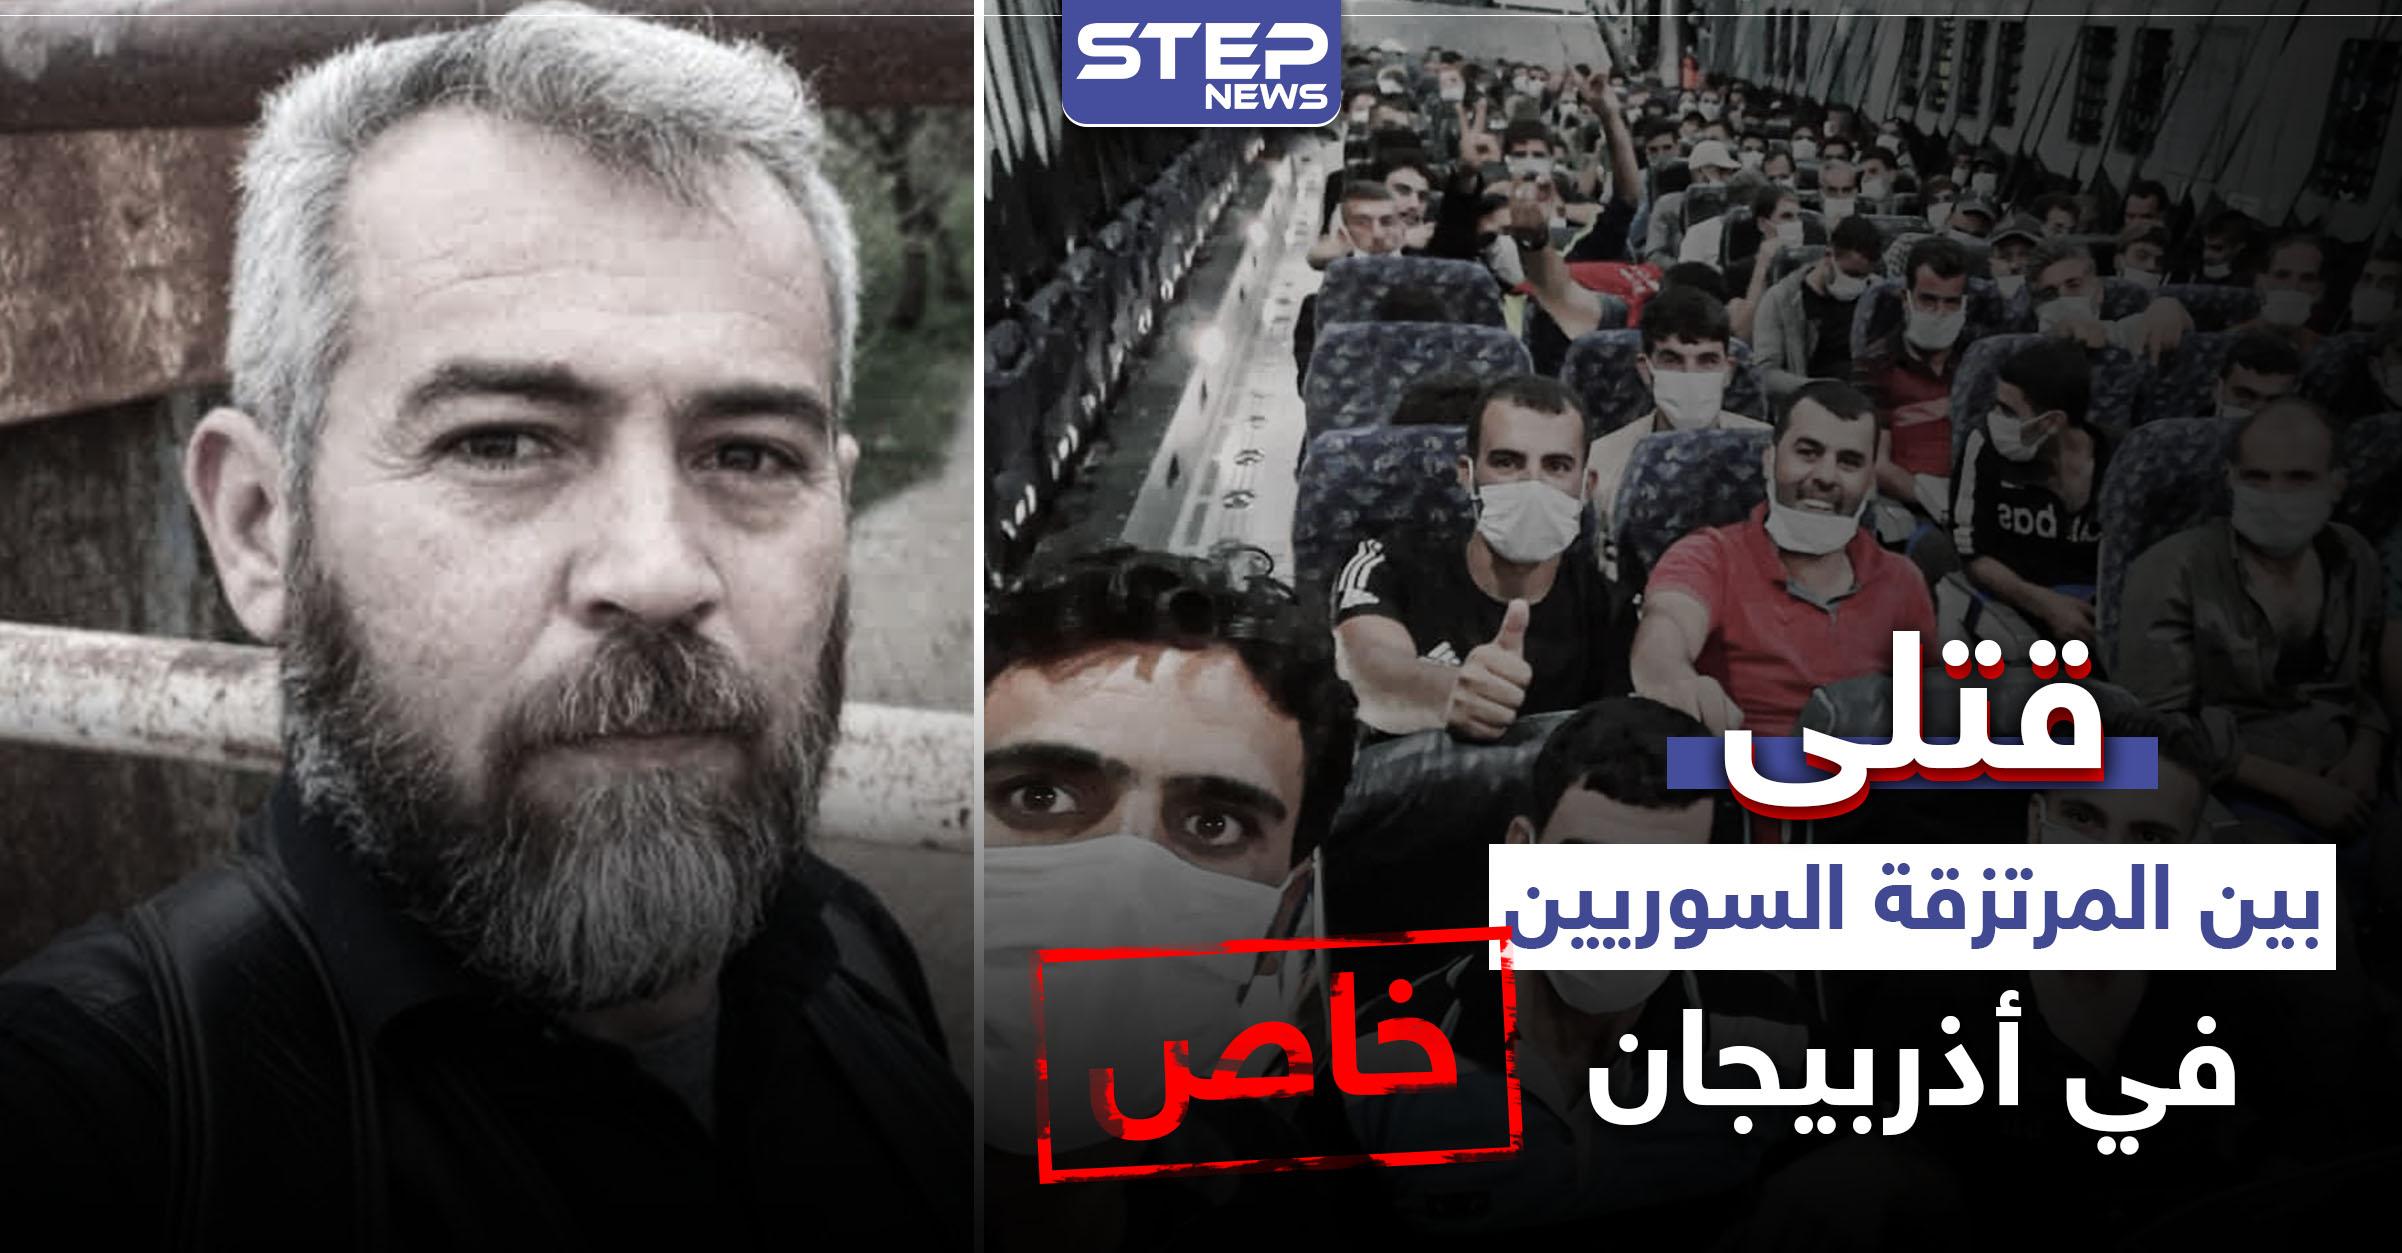 عشرات القتلى حتى الآن.. المرتزقة السوريين في أذربيجان خُدِعوا من قبل تركيا